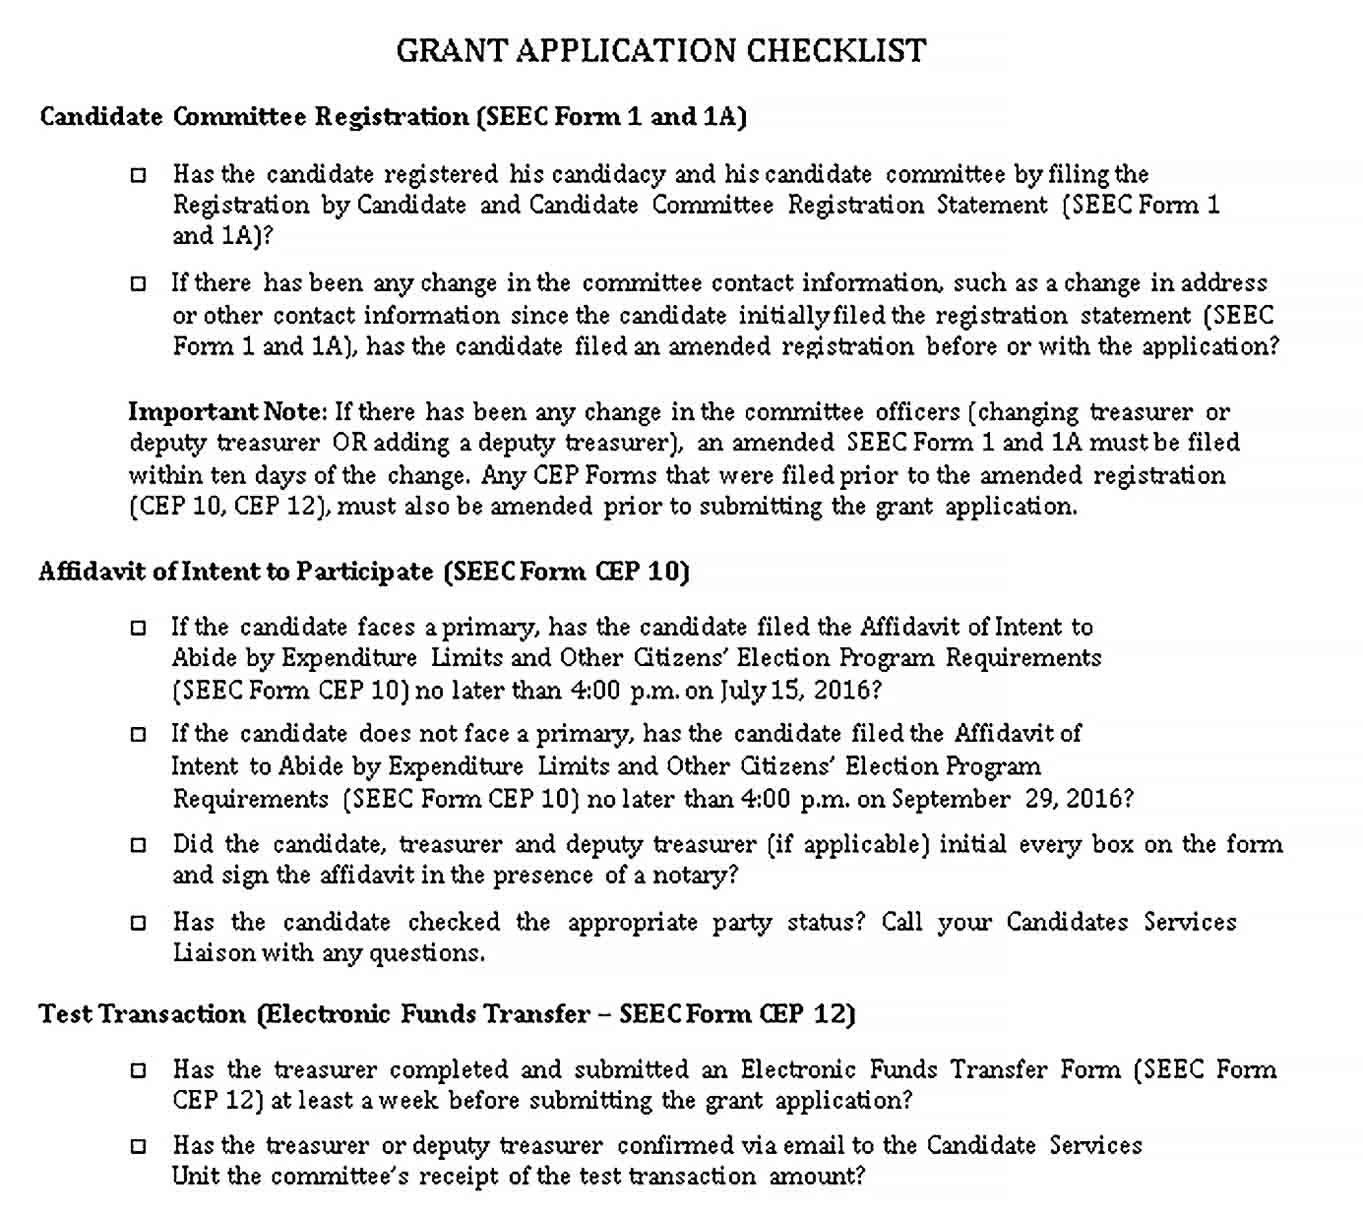 Grant Checklist Templates Checklist Template Checklist Grant Proposal